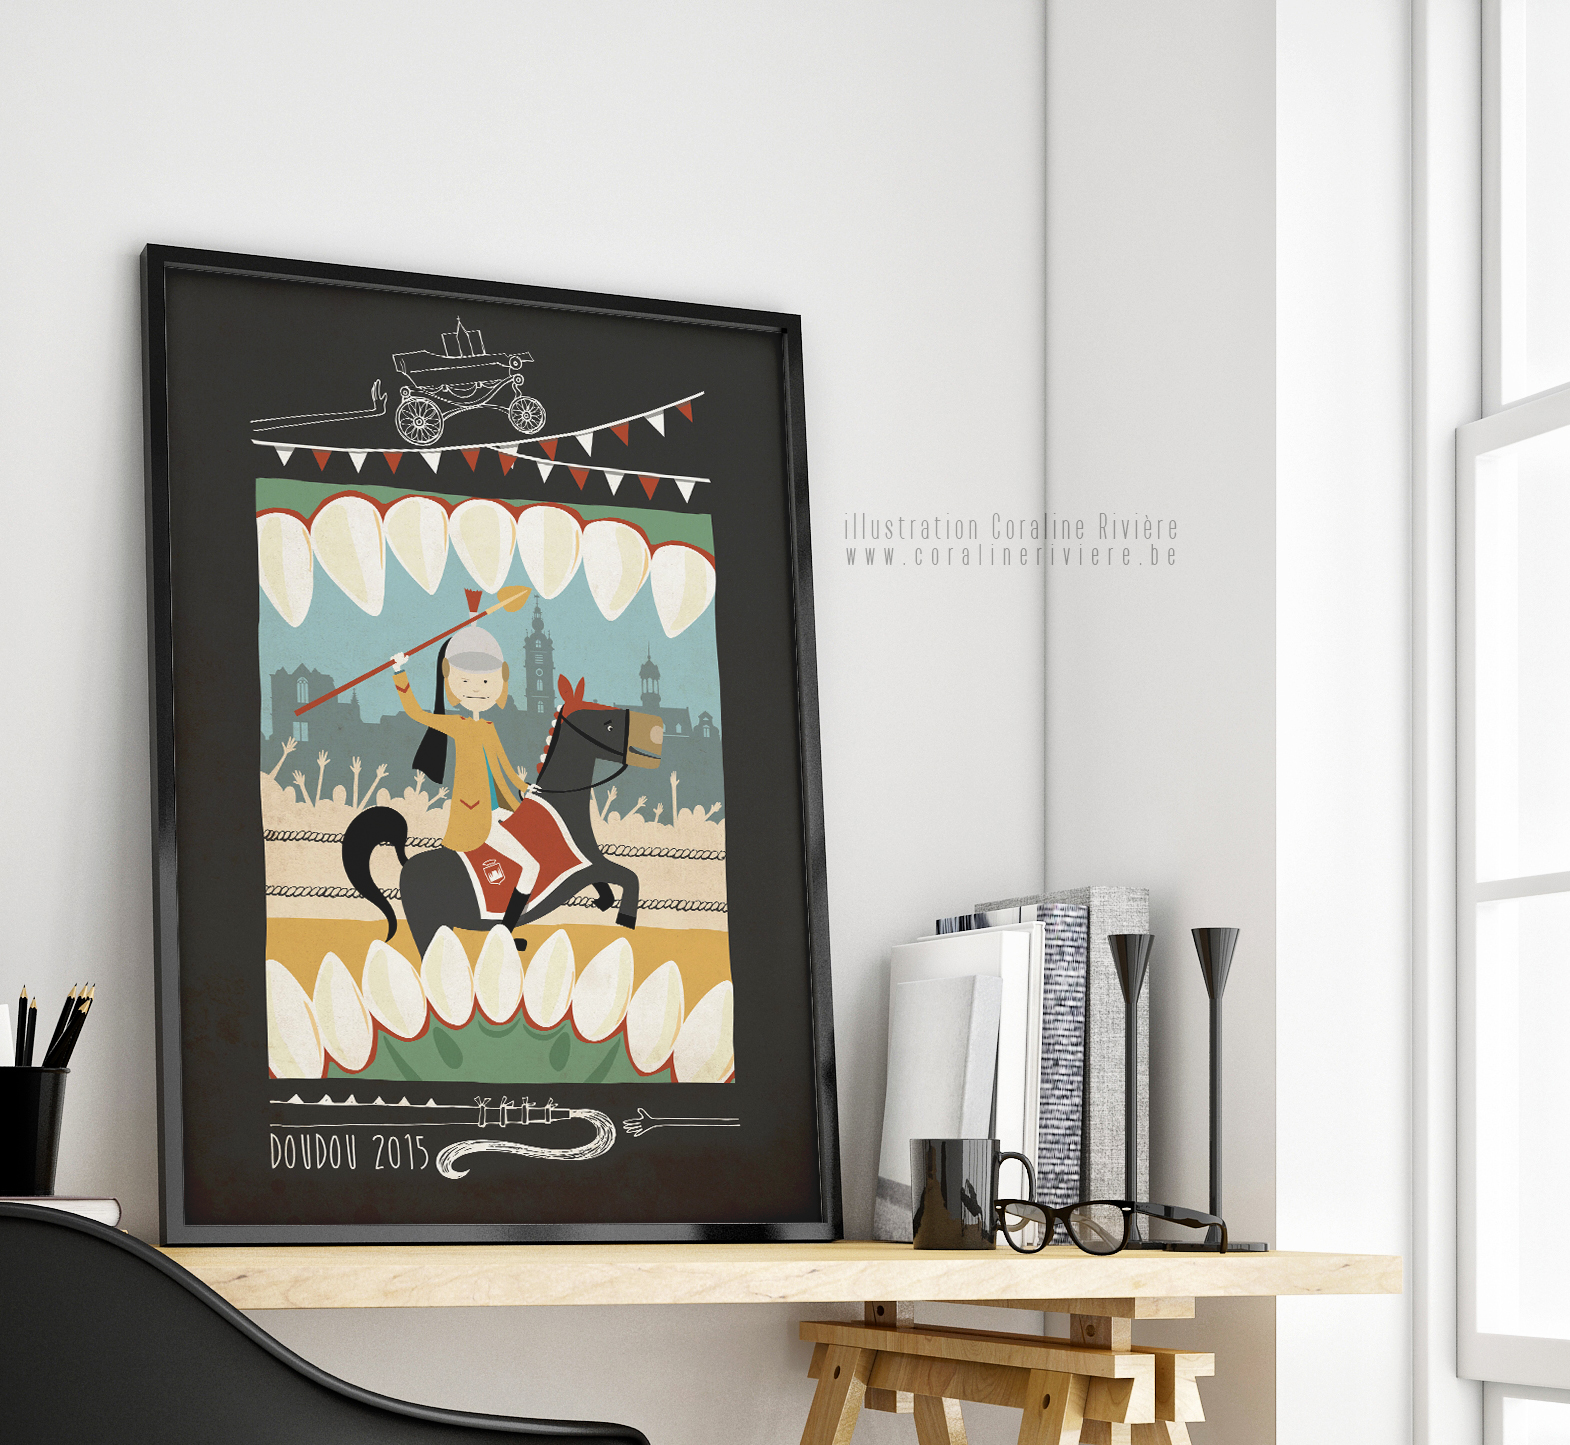 affiche concours doudou illustre ducasse mons2015